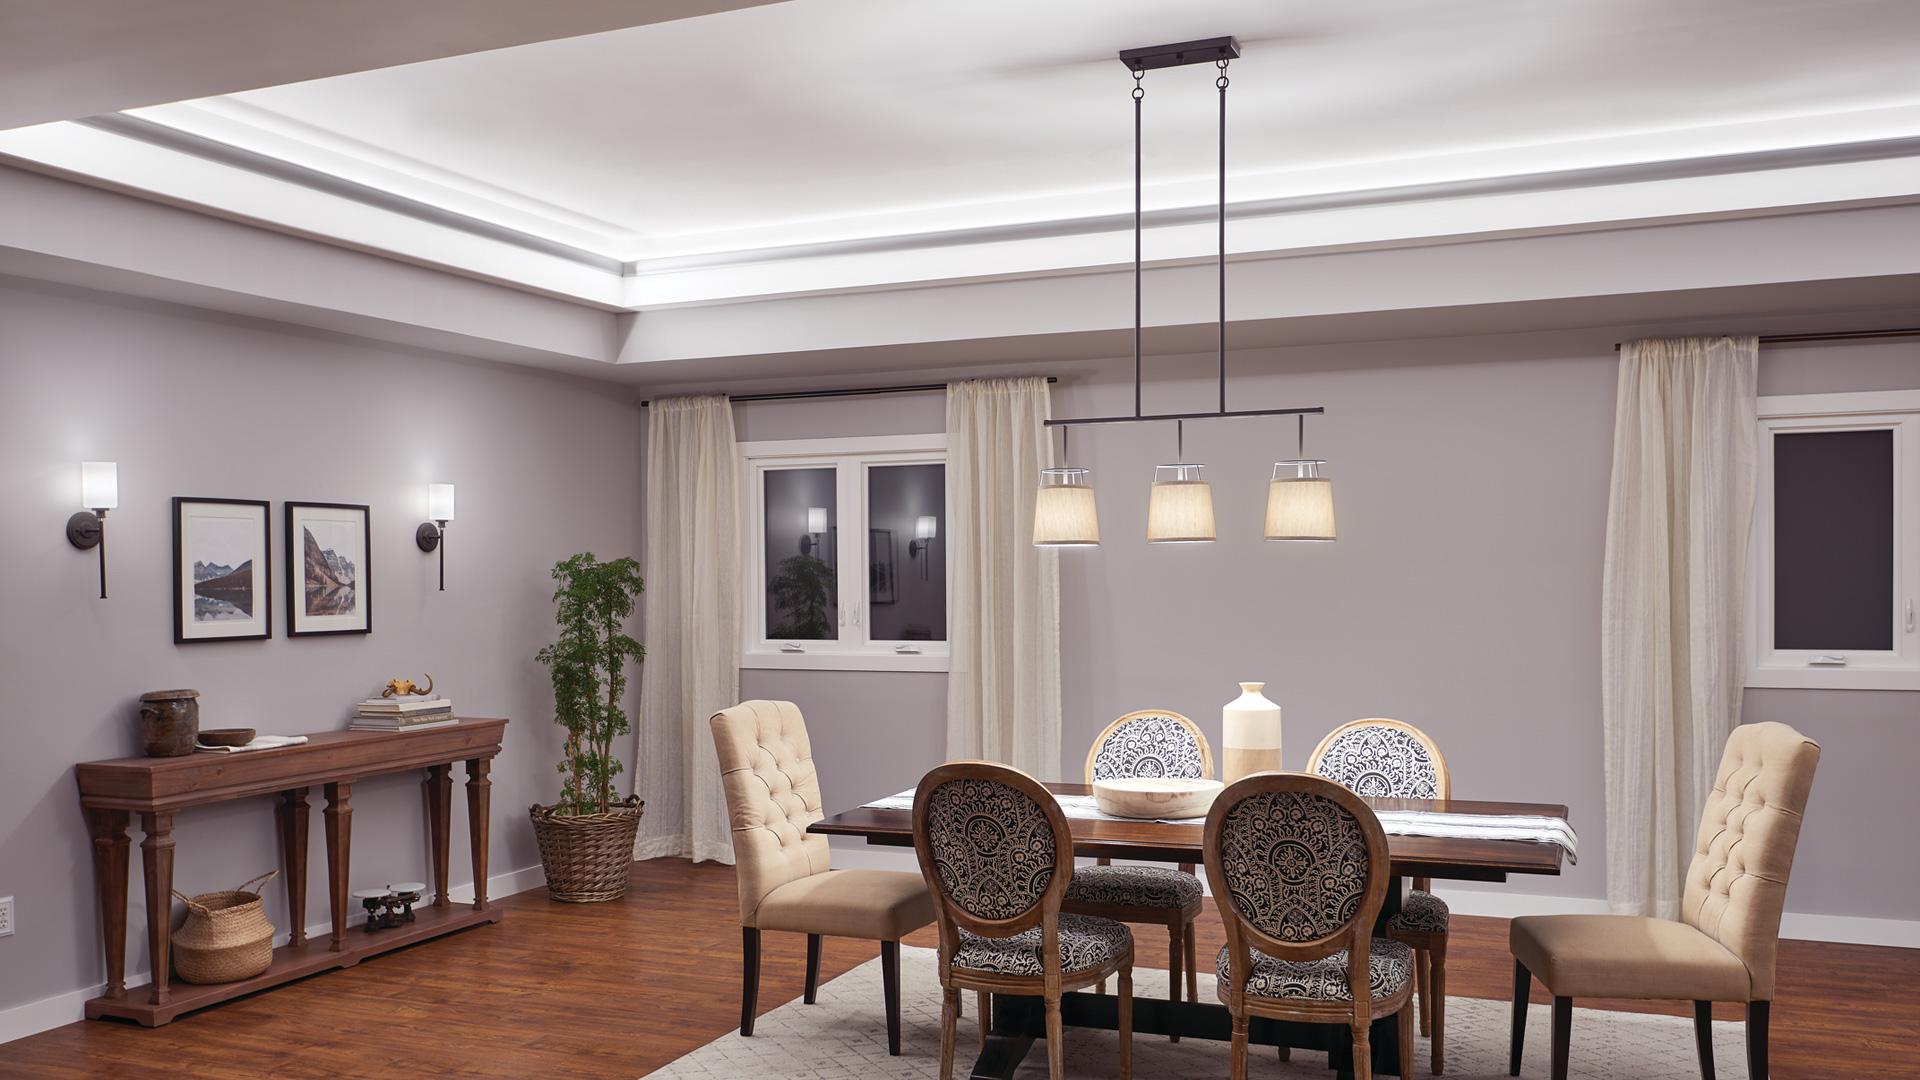 Kichler Lighting Pendant Ceiling Landscape Lights More Kichler Lighting